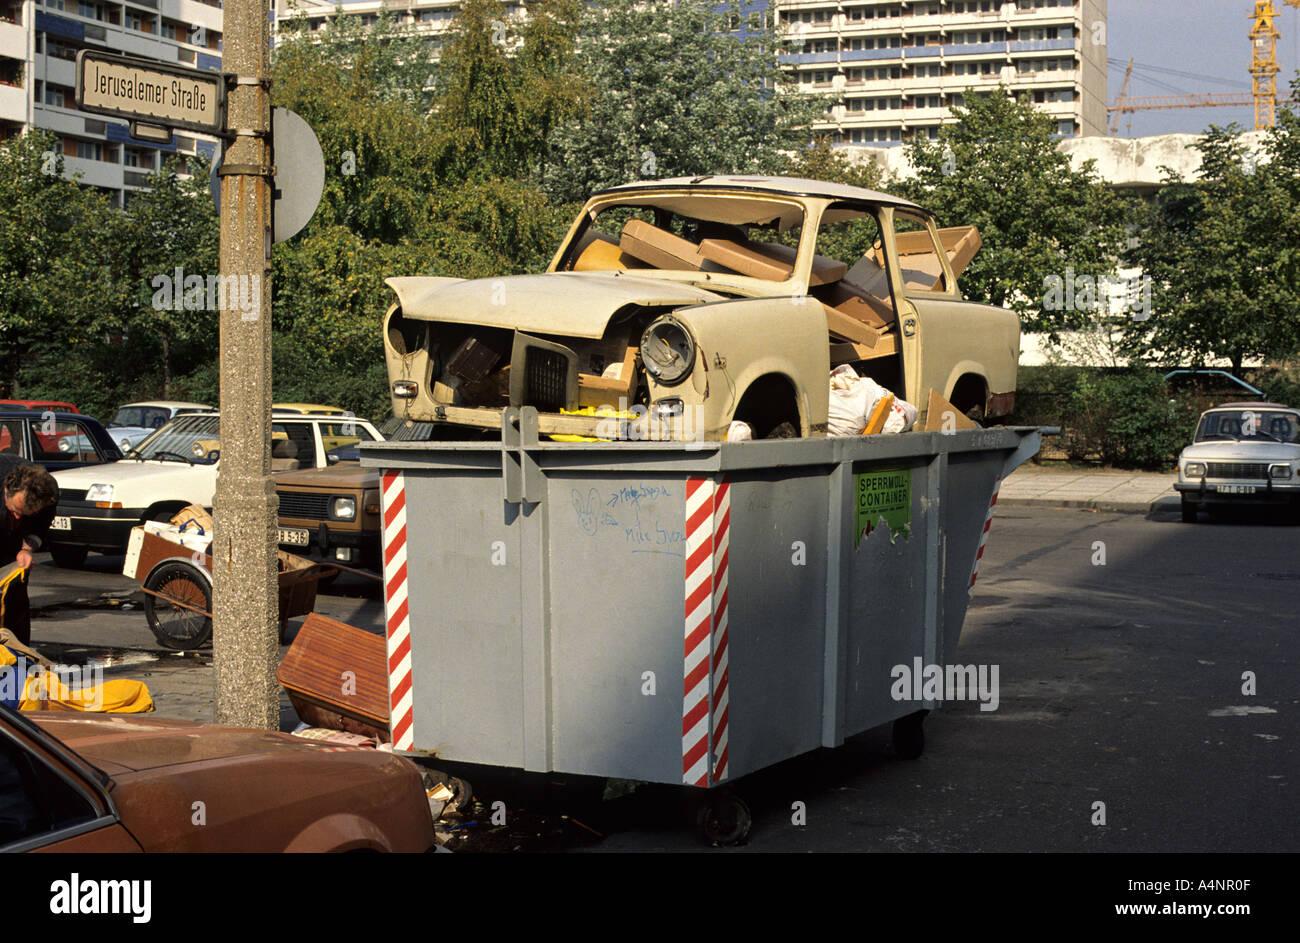 Estate 1990. La prima Trabant vettura che ha gettato in Berlino est dopo la caduta del muro di Berlino nel 1989. Immagini Stock